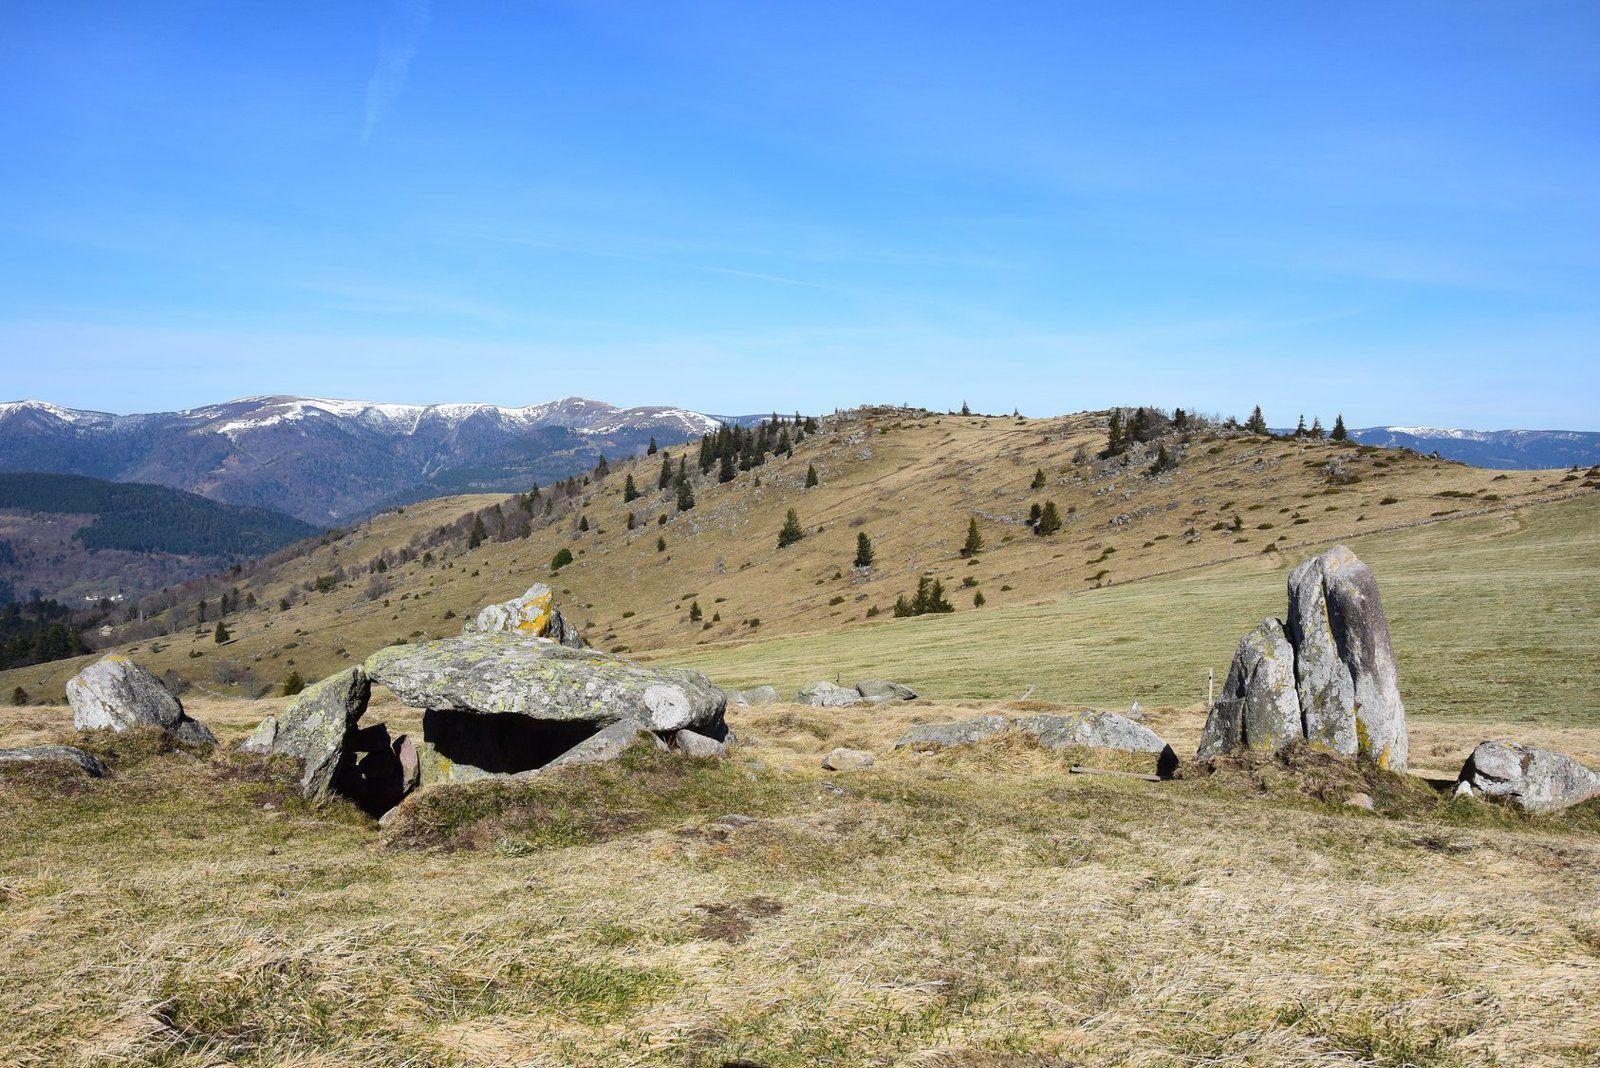 Le dolmen du petit Ballon. Des Celtes seraient passés par ici ? C'est tout à fait probable